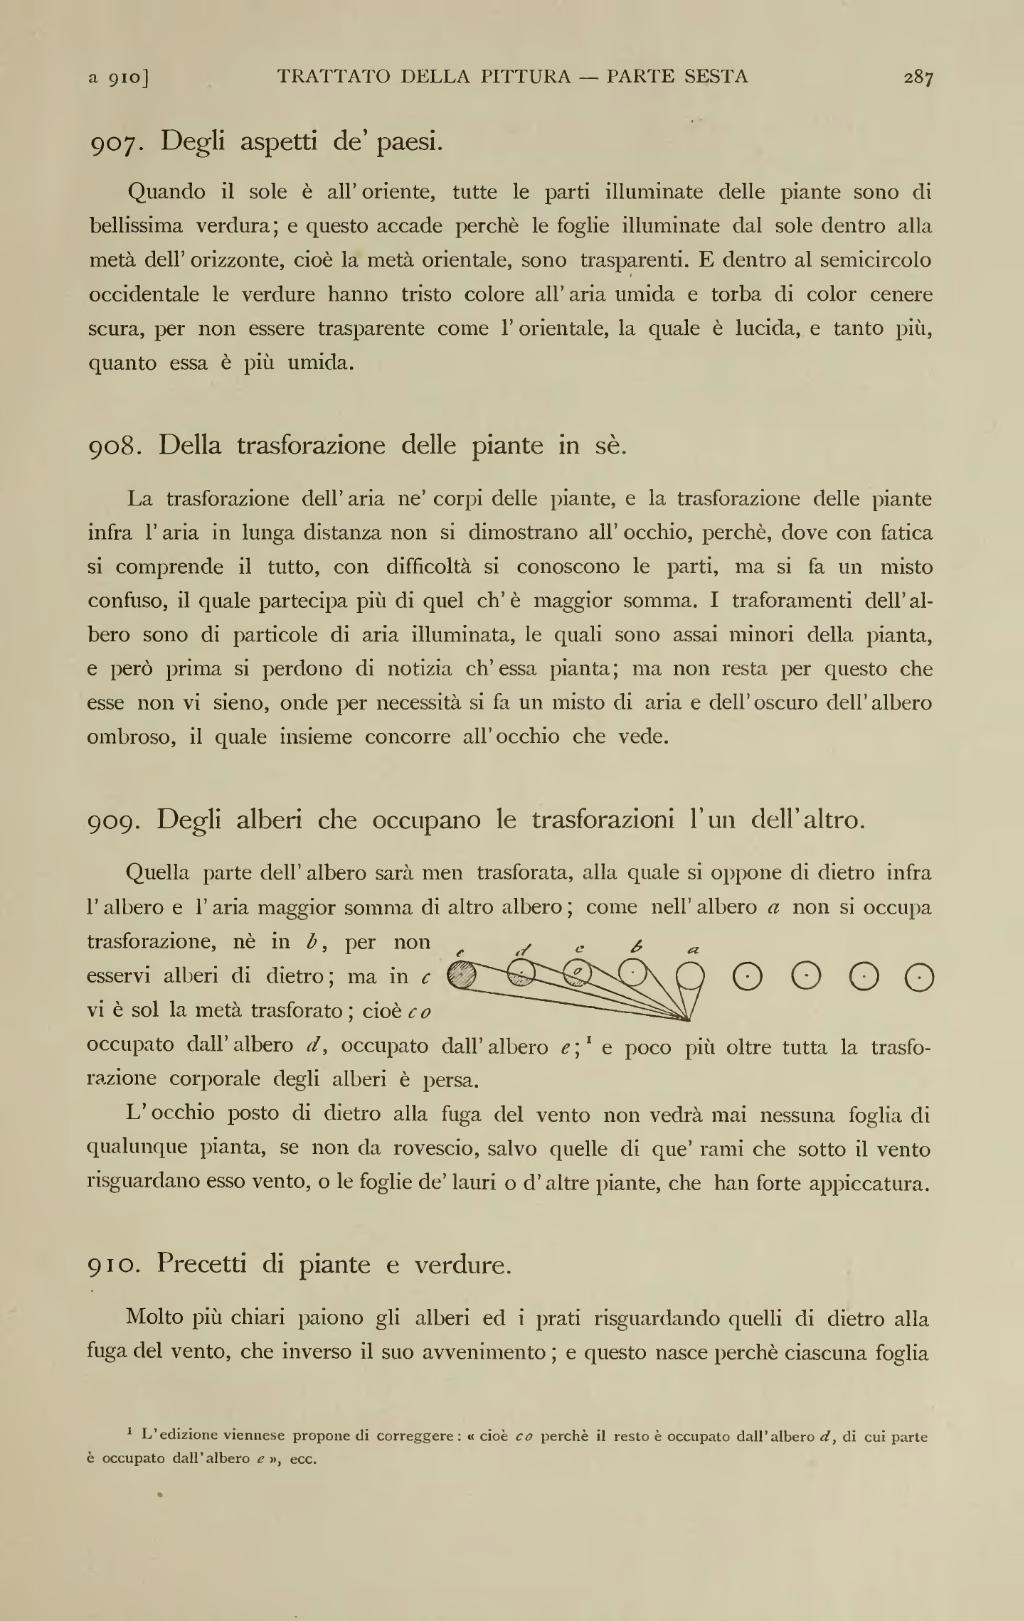 Immagini Di Piante E Alberi pagina:leonardo - trattato della pittura, 1890.djvu/361